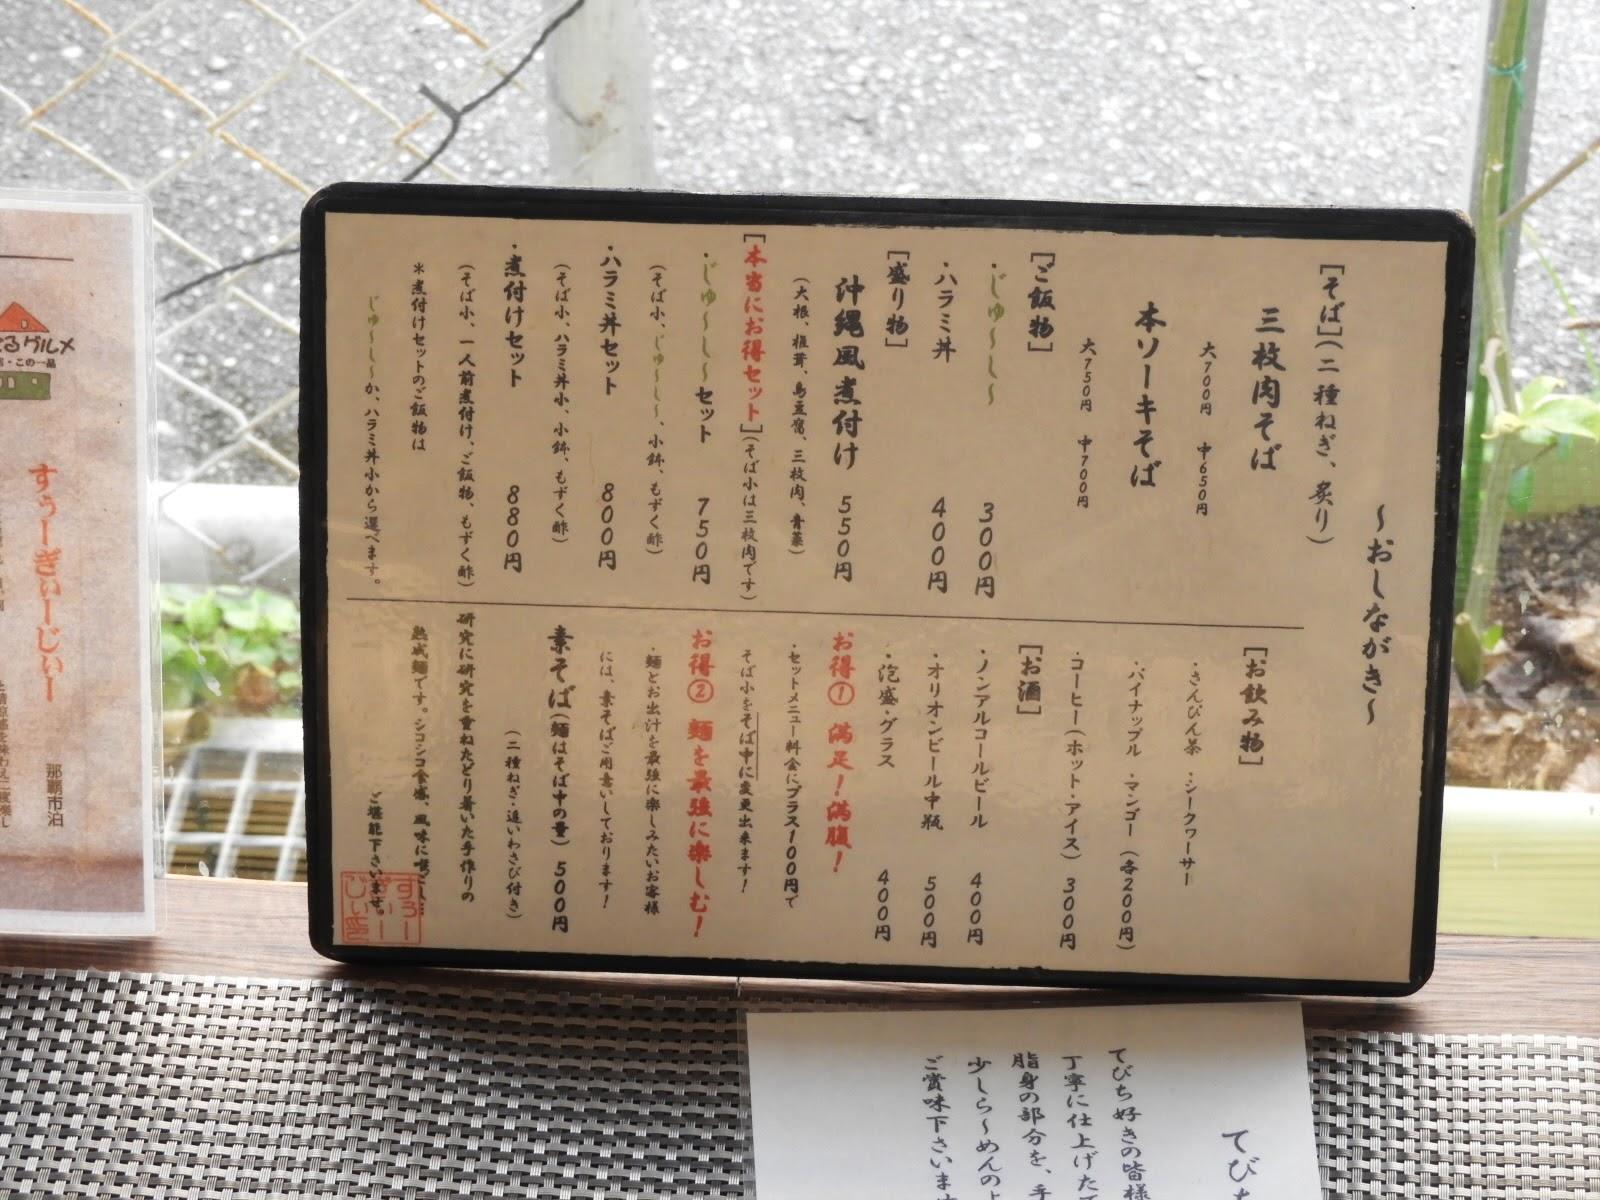 Photo: 2017/01/25 すぅーぎぃーじぃー・テーブル上のメニュー